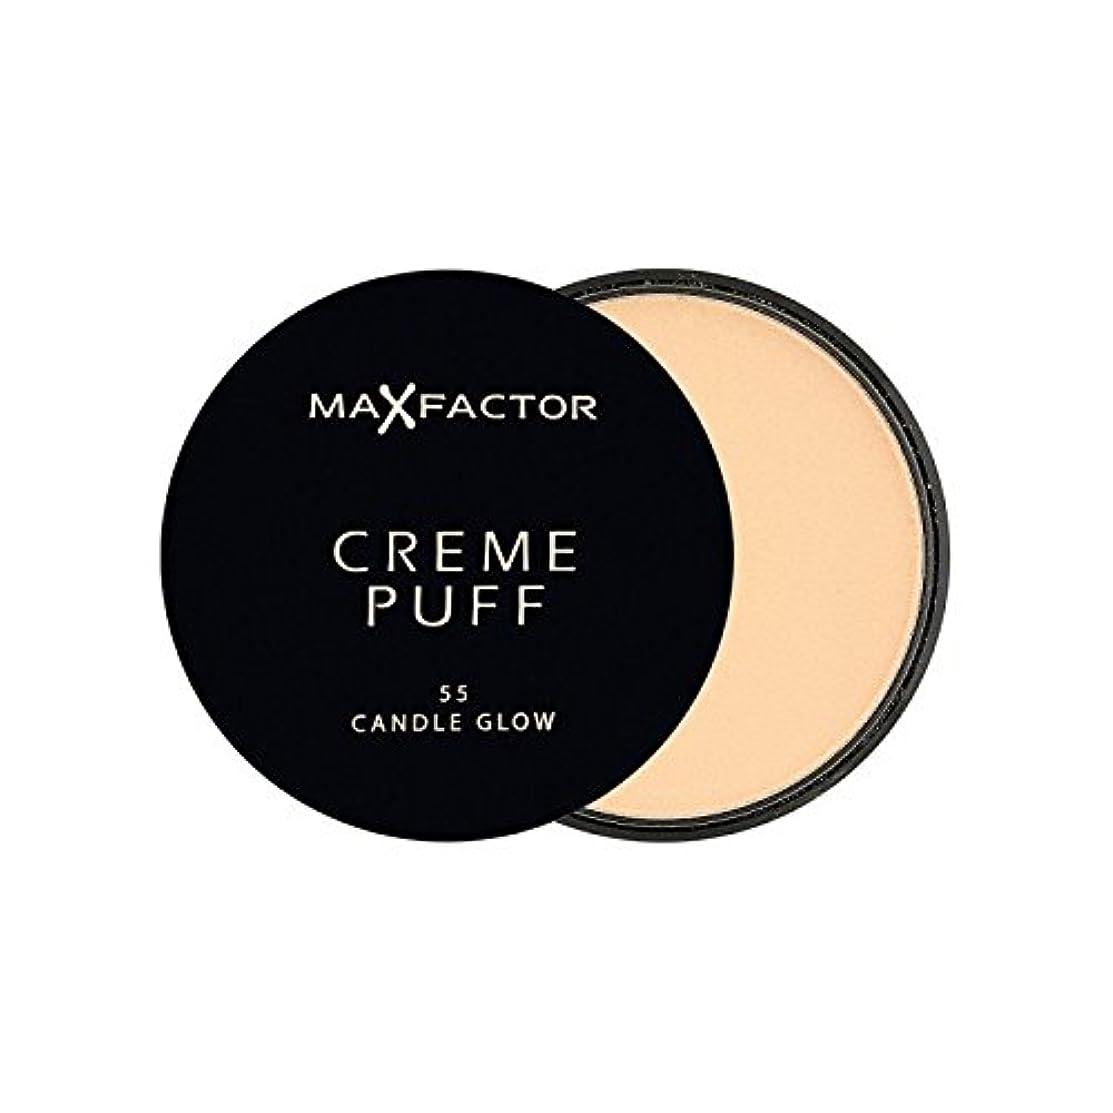 セグメントいいねわざわざMax Factor Creme Puff Powder Compact Candle Glow 55 - マックスファクタークリームパフパウダーコンパクトろうそくは55グロー [並行輸入品]